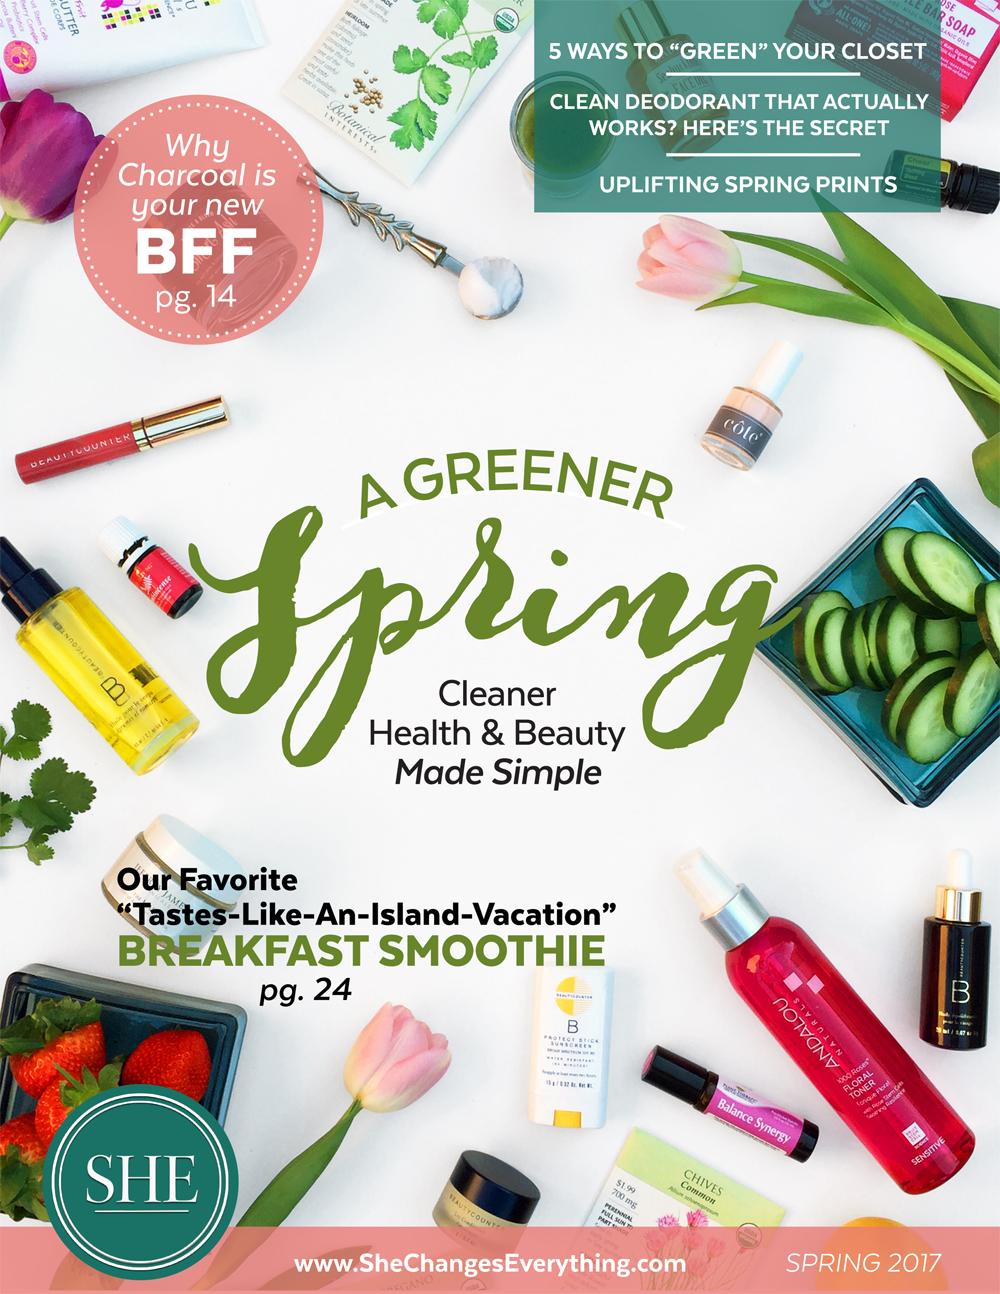 SpringHandbook-1.jpg